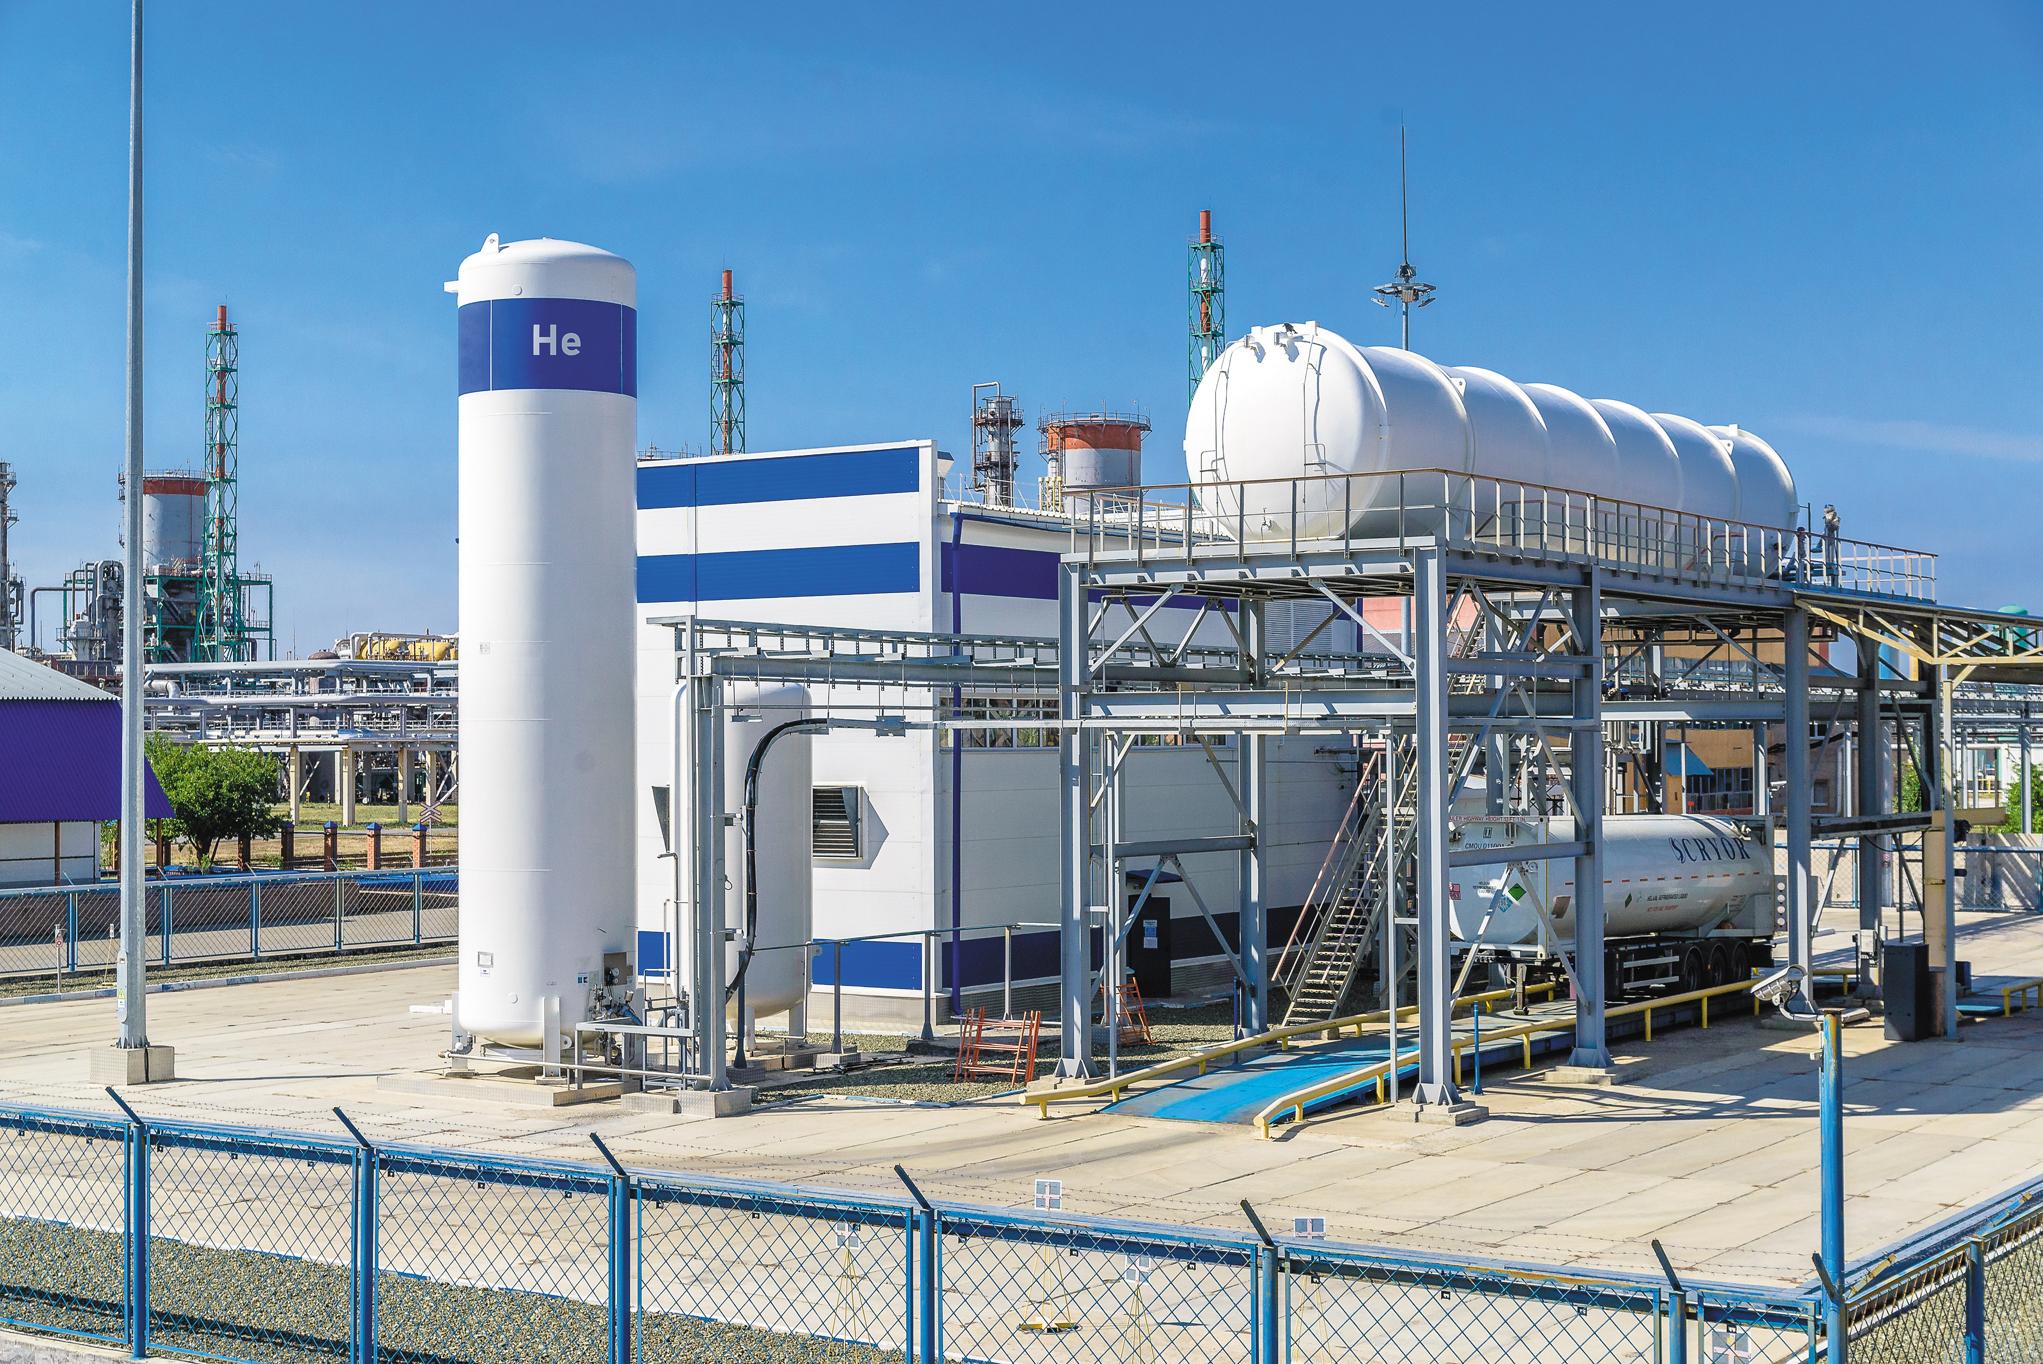 В 2014 г. на заводе была введена в эксплуатацию установка сжижения гелия №44. Сырьем для нее служит часть газообразного гелия. На данный момент это — единственная в России крупнотоннажная установка сжижения гелия. Ее производительность —500 литров в час, или 4,2 млн литров жидкого гелия в год.